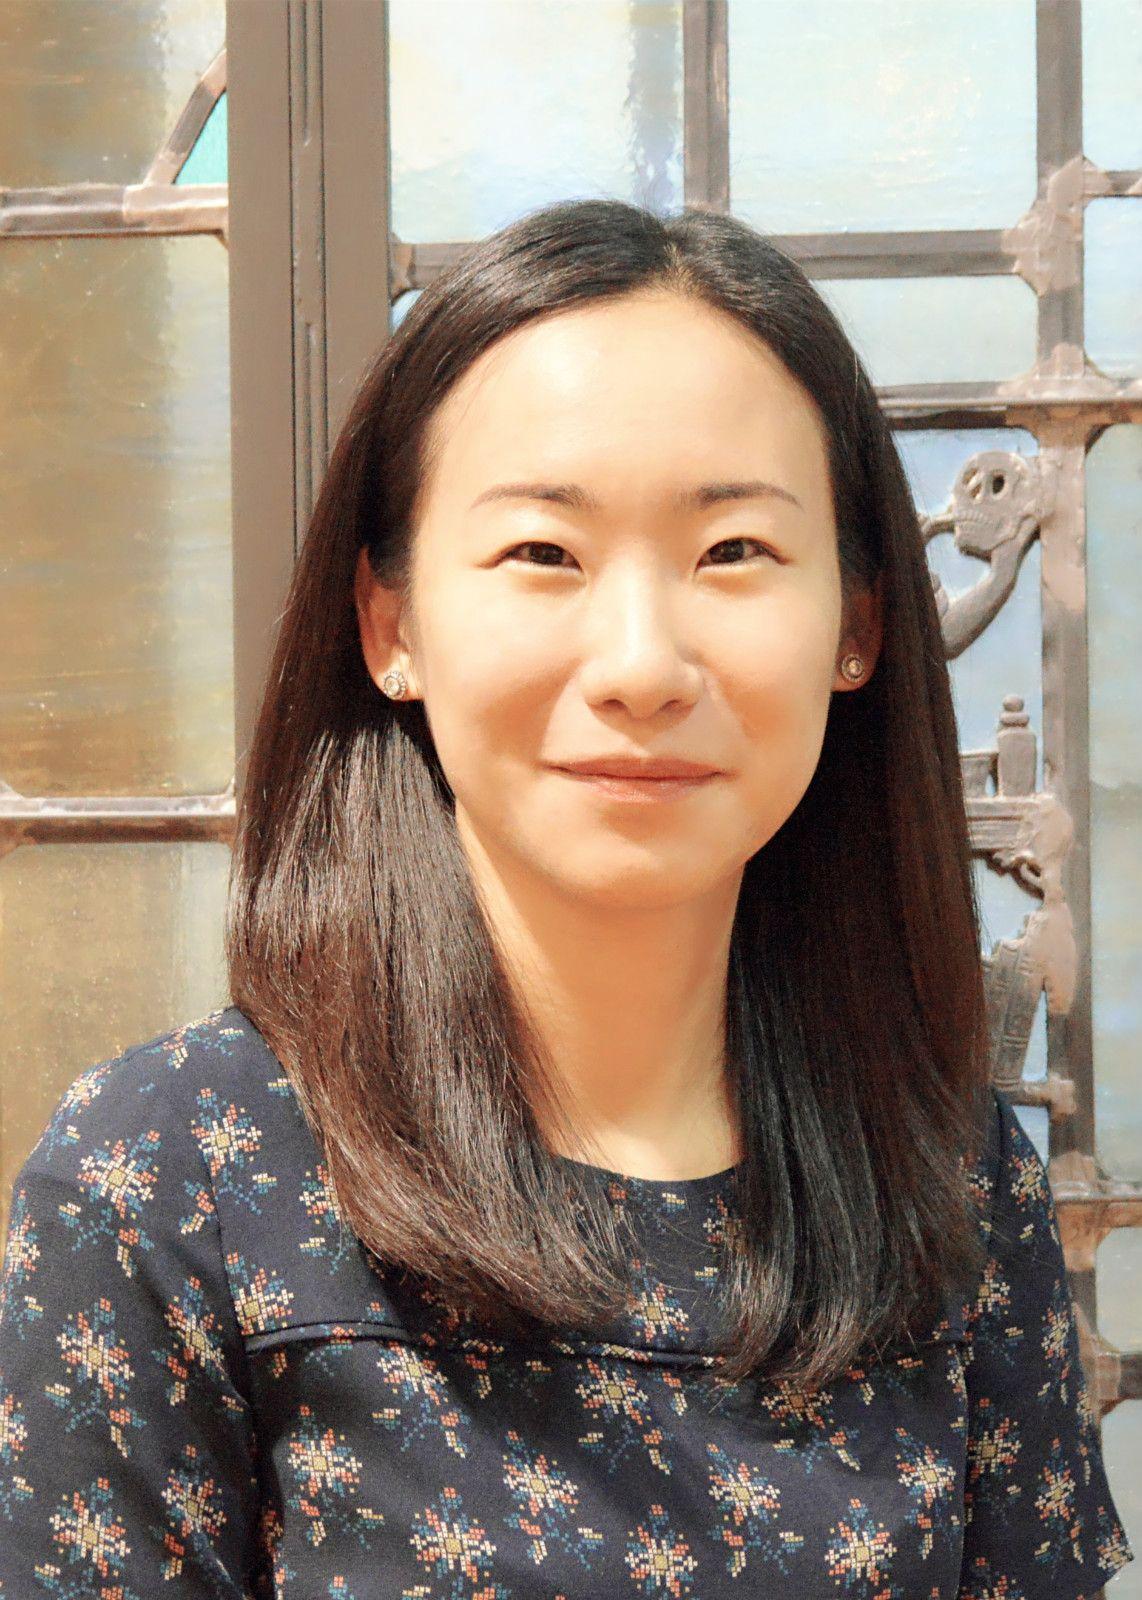 Sali Liu